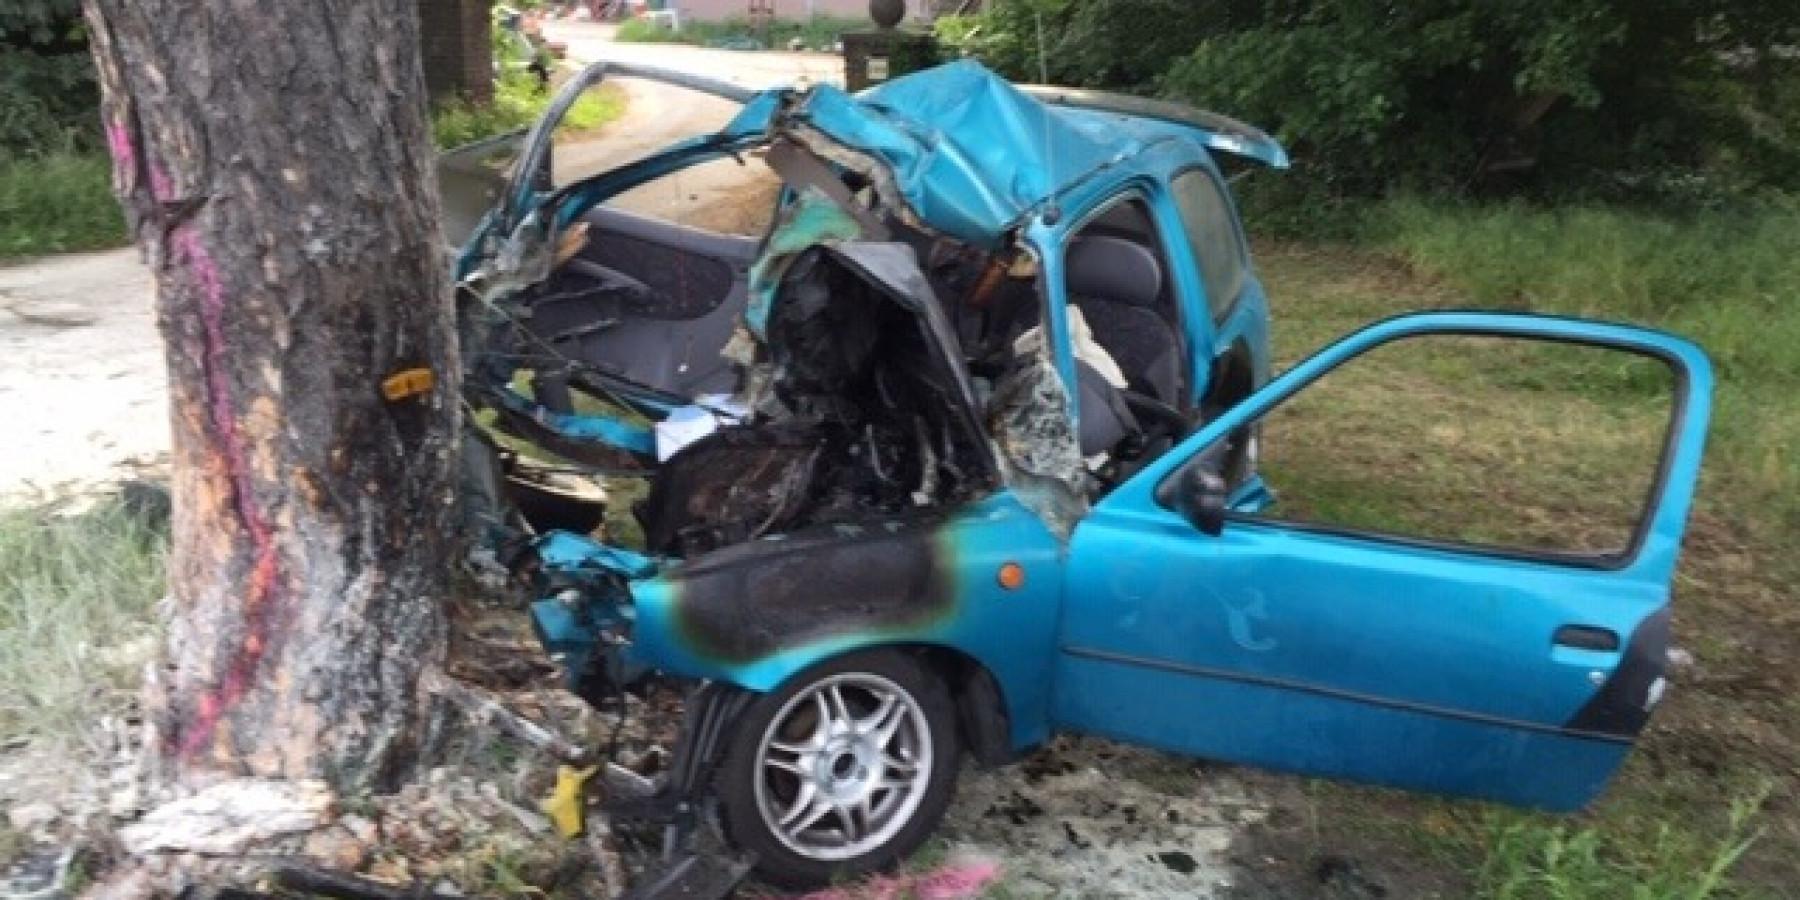 Auto prallt gegen Baum und fängt Feuer – 22-Jähriger lebensgefährlich verletzt